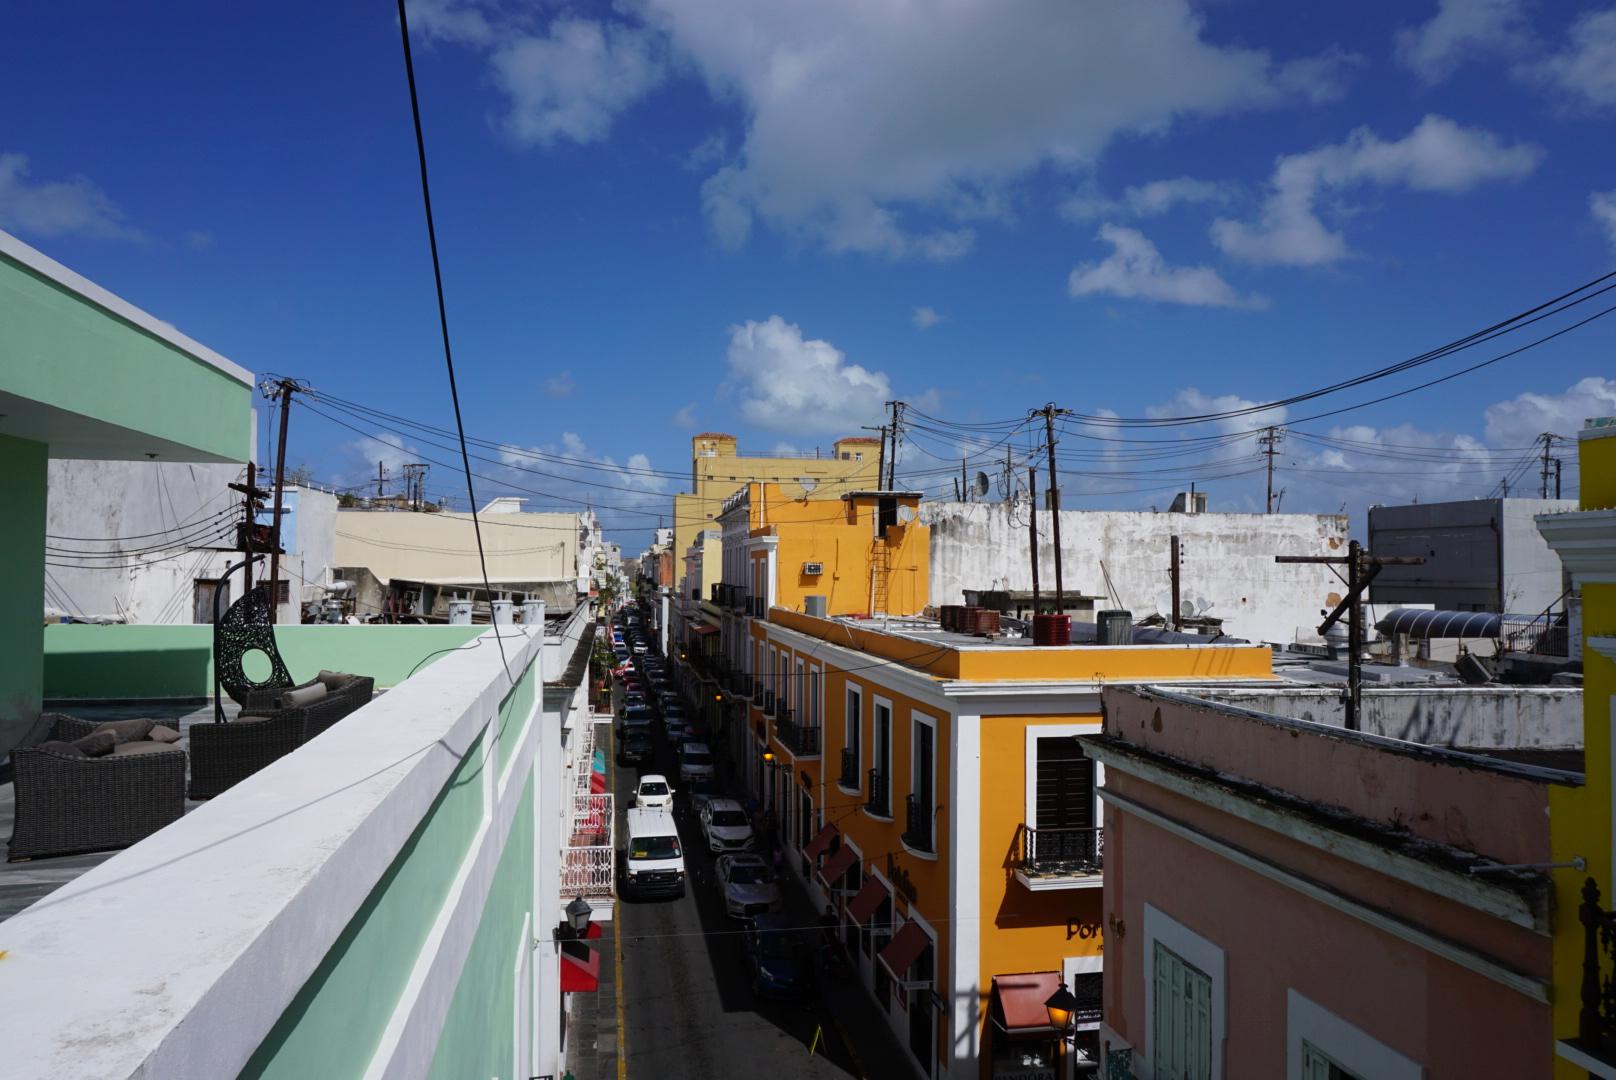 A narrow Old San Juan street